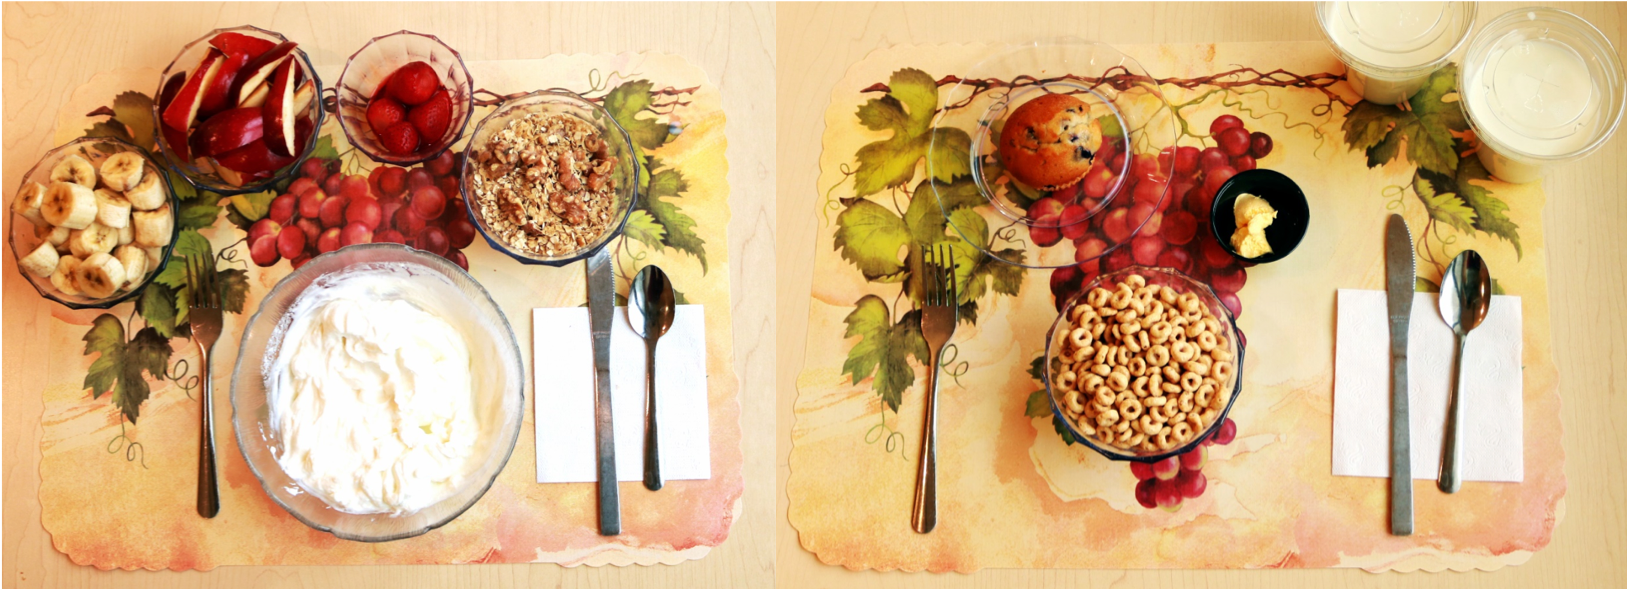 Eksempel på henholdvis en uforarbejdet morgenmad (venstre) og en ultraforarbejdet morgenmad (højre). Drikkevarerne til højre er iblandet kostfibre for at matche indholdet i den uforarbejdede morgenmad, men er ellers kaloriefri.